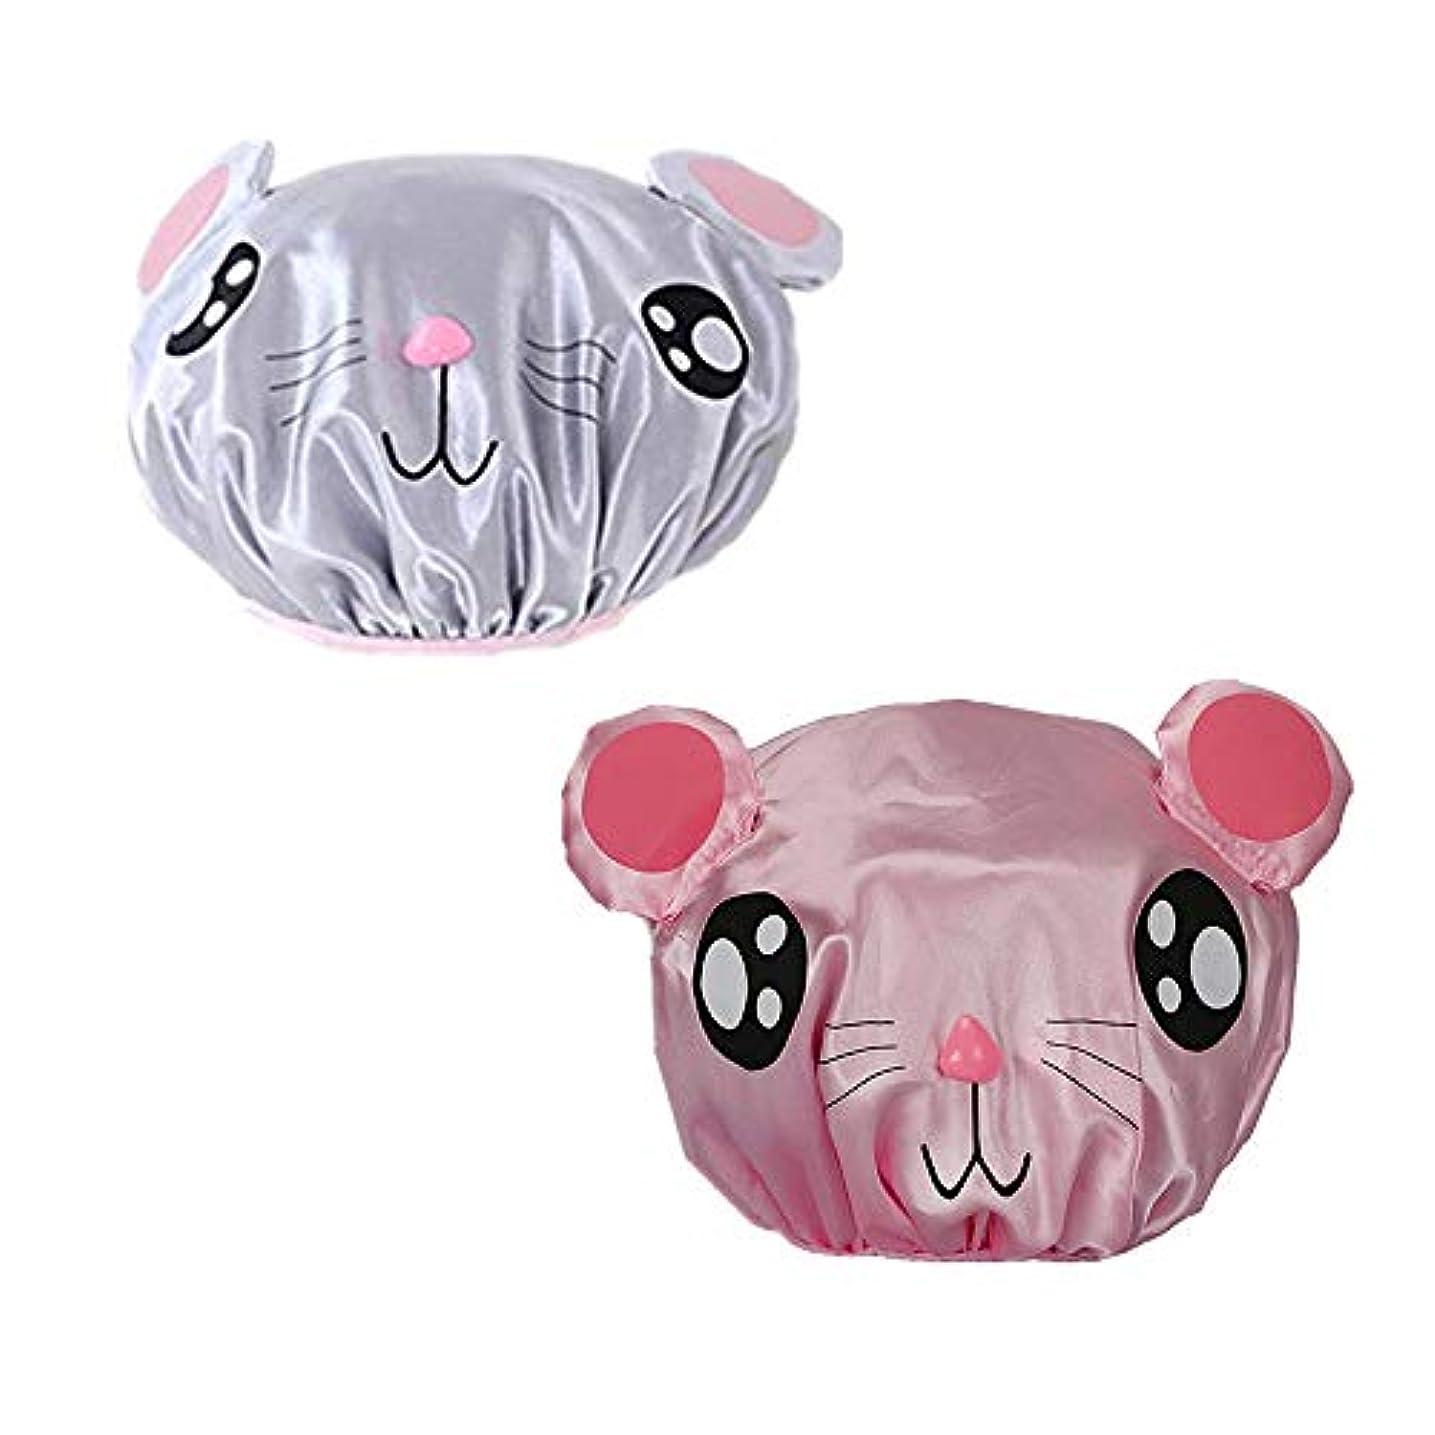 好意きらめき老人Kingsie シャワーキャップ キッズ 子供用 2枚セット ヘアキャップ 可愛い 動物柄 カートゥーン 防水帽 入浴キャップ お風呂 ピンク/グレー